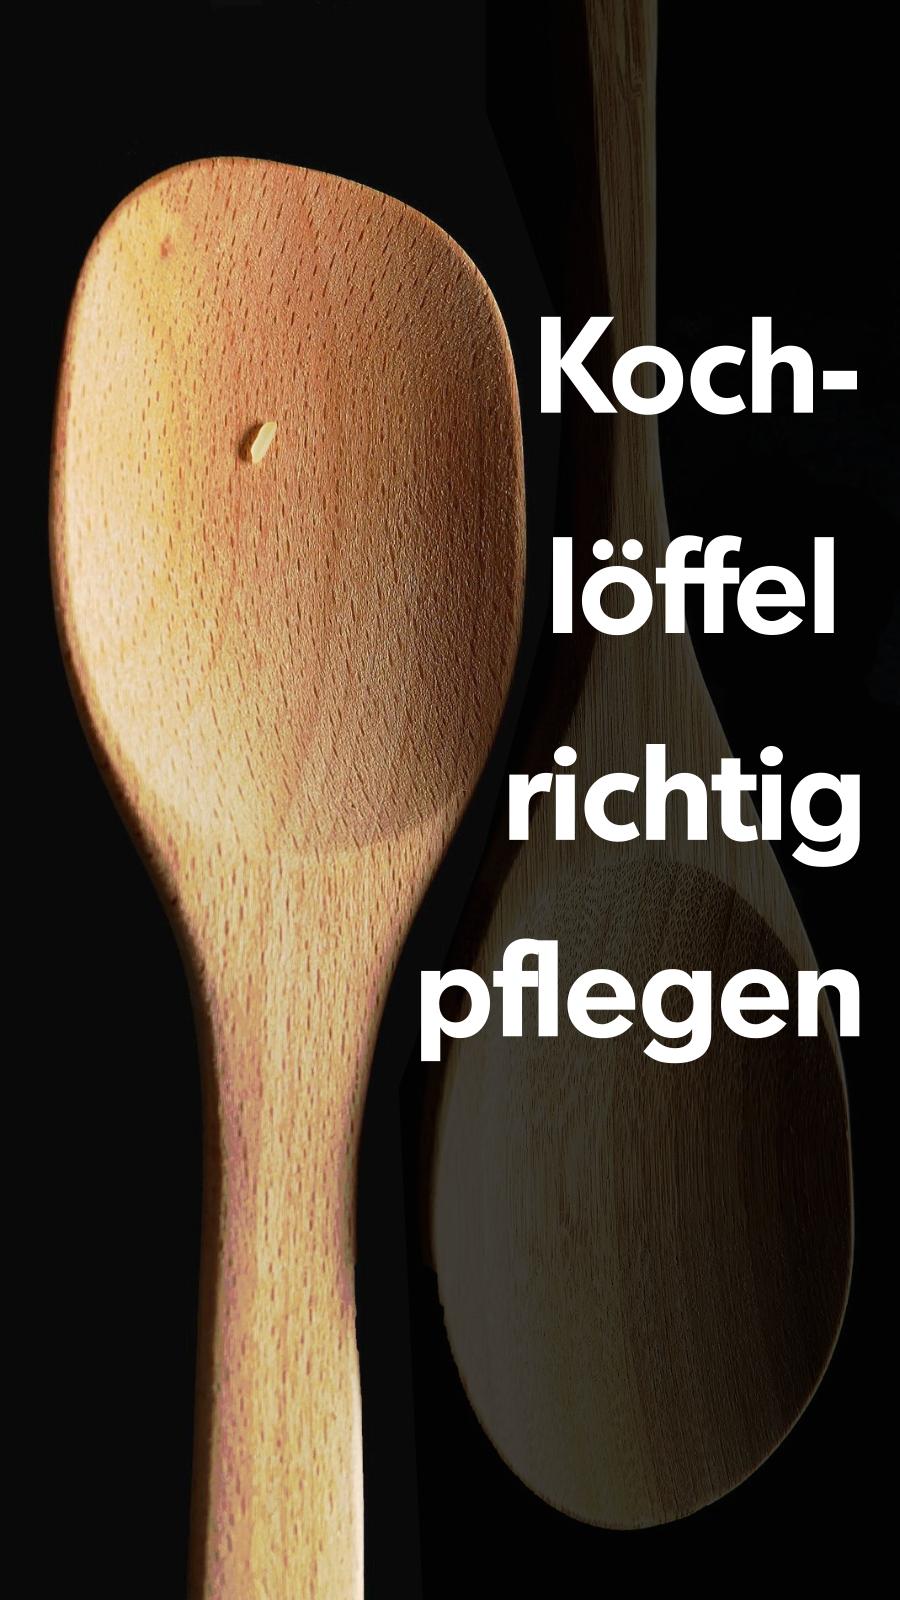 Kochloffel Aus Holz Pflegen Tipps Zur Reinigung In 2018